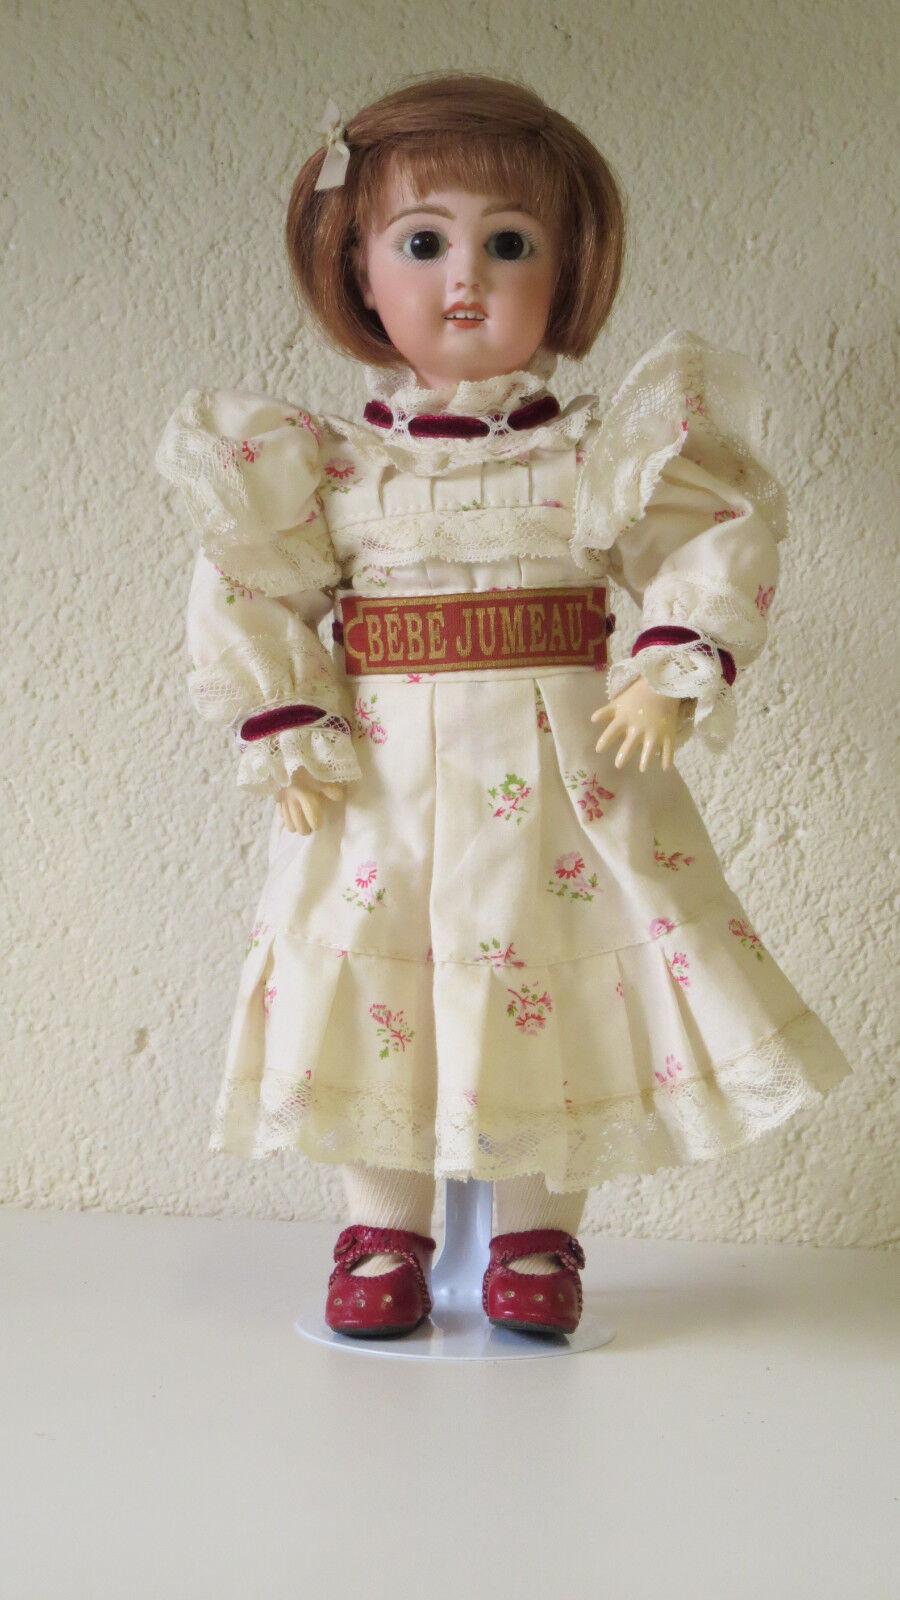 bluette 27 cm  Premiére   Jumeau   Ref  JA   Antic bambola reproduction  Prezzo al piano